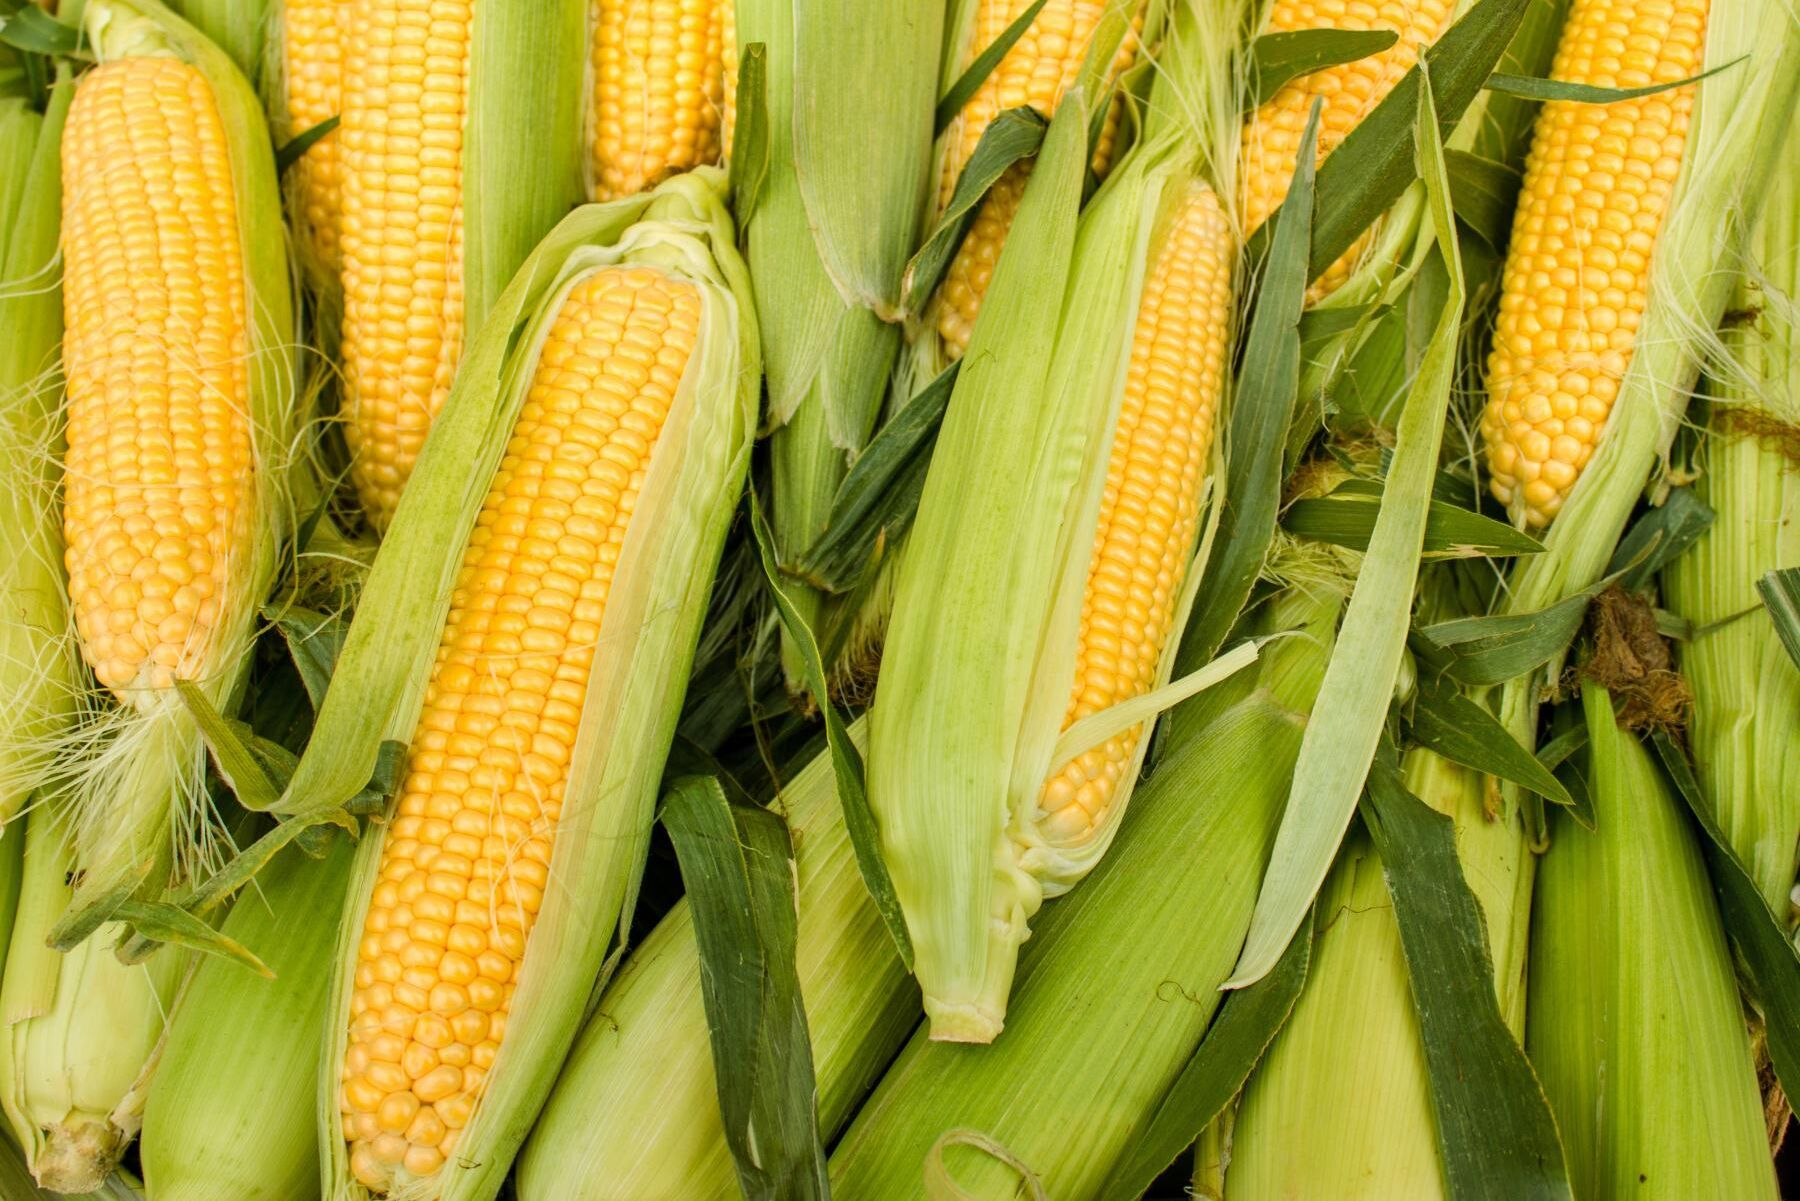 Enligt åtalet har runt 7 procent av all majs som sålts som ekologisk i USA omfattats av den nu avlidna mannens bedrägerier.